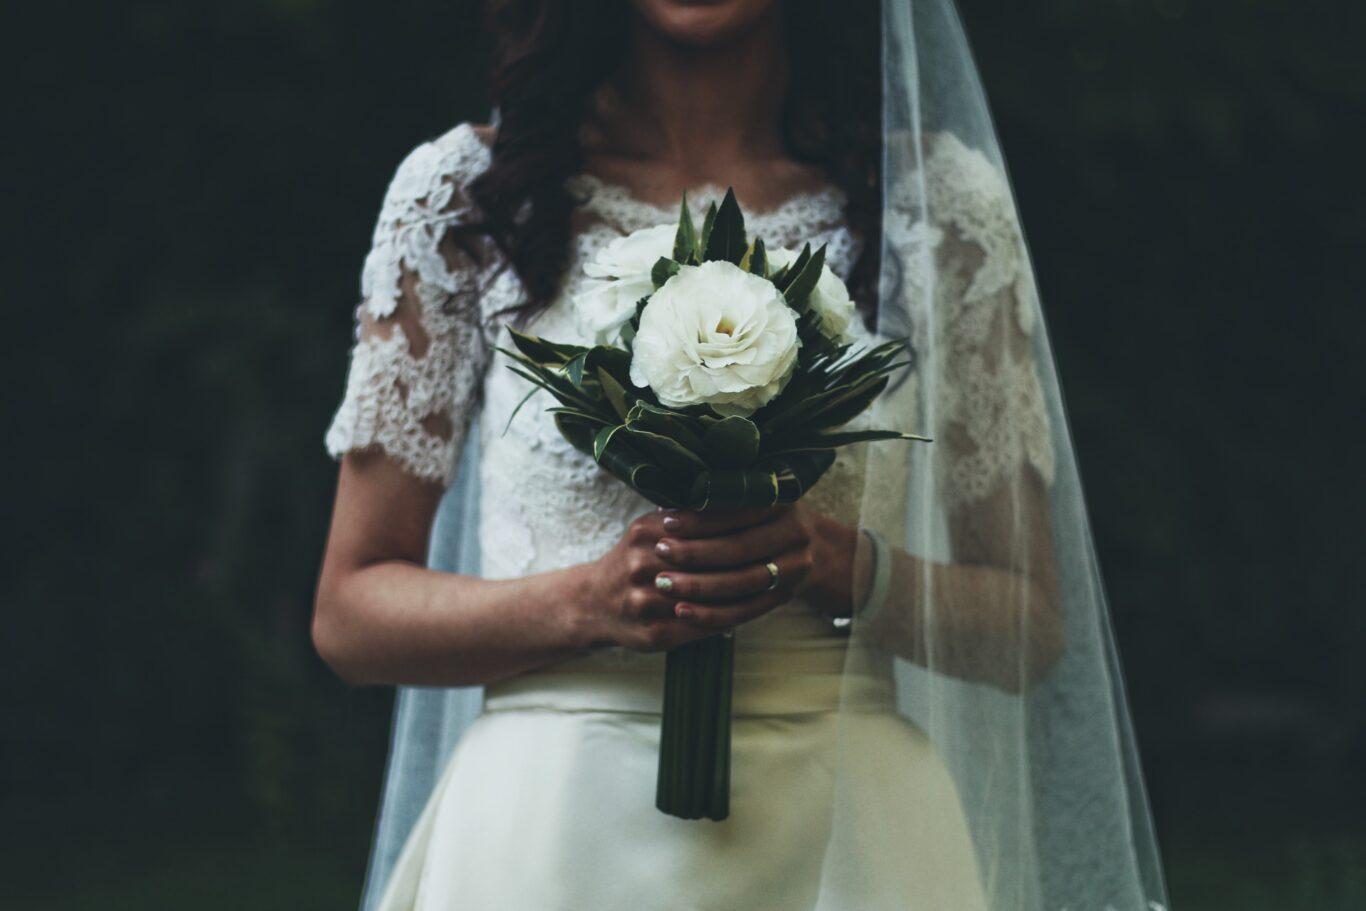 Οικονομικός γάμος και προτότυπος εκτός Σαββατου